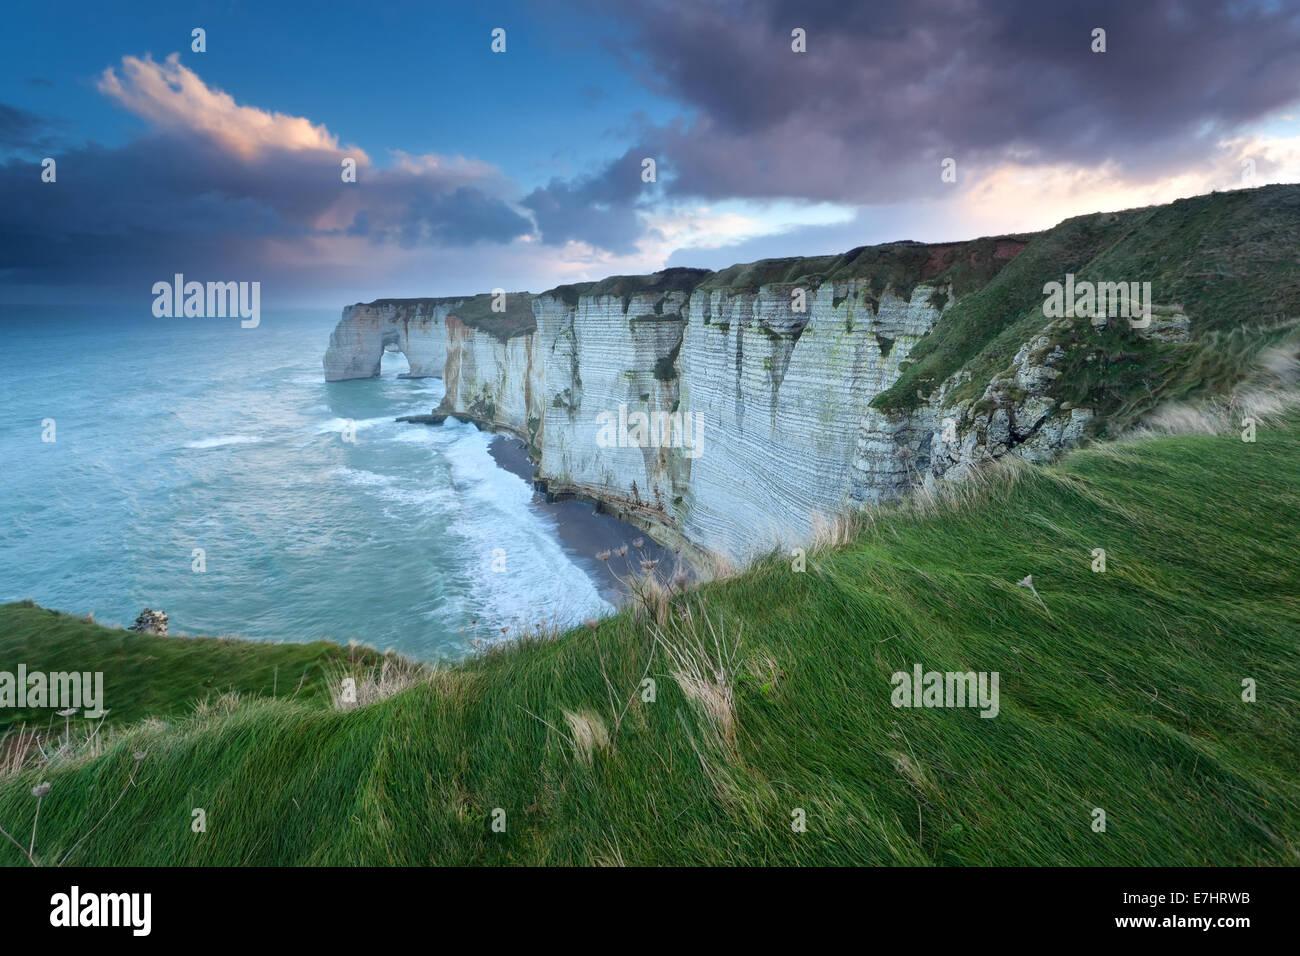 Lever de soleil sur l'océan Atlantique côte rocheuse, Etretat, Normandie, France Photo Stock